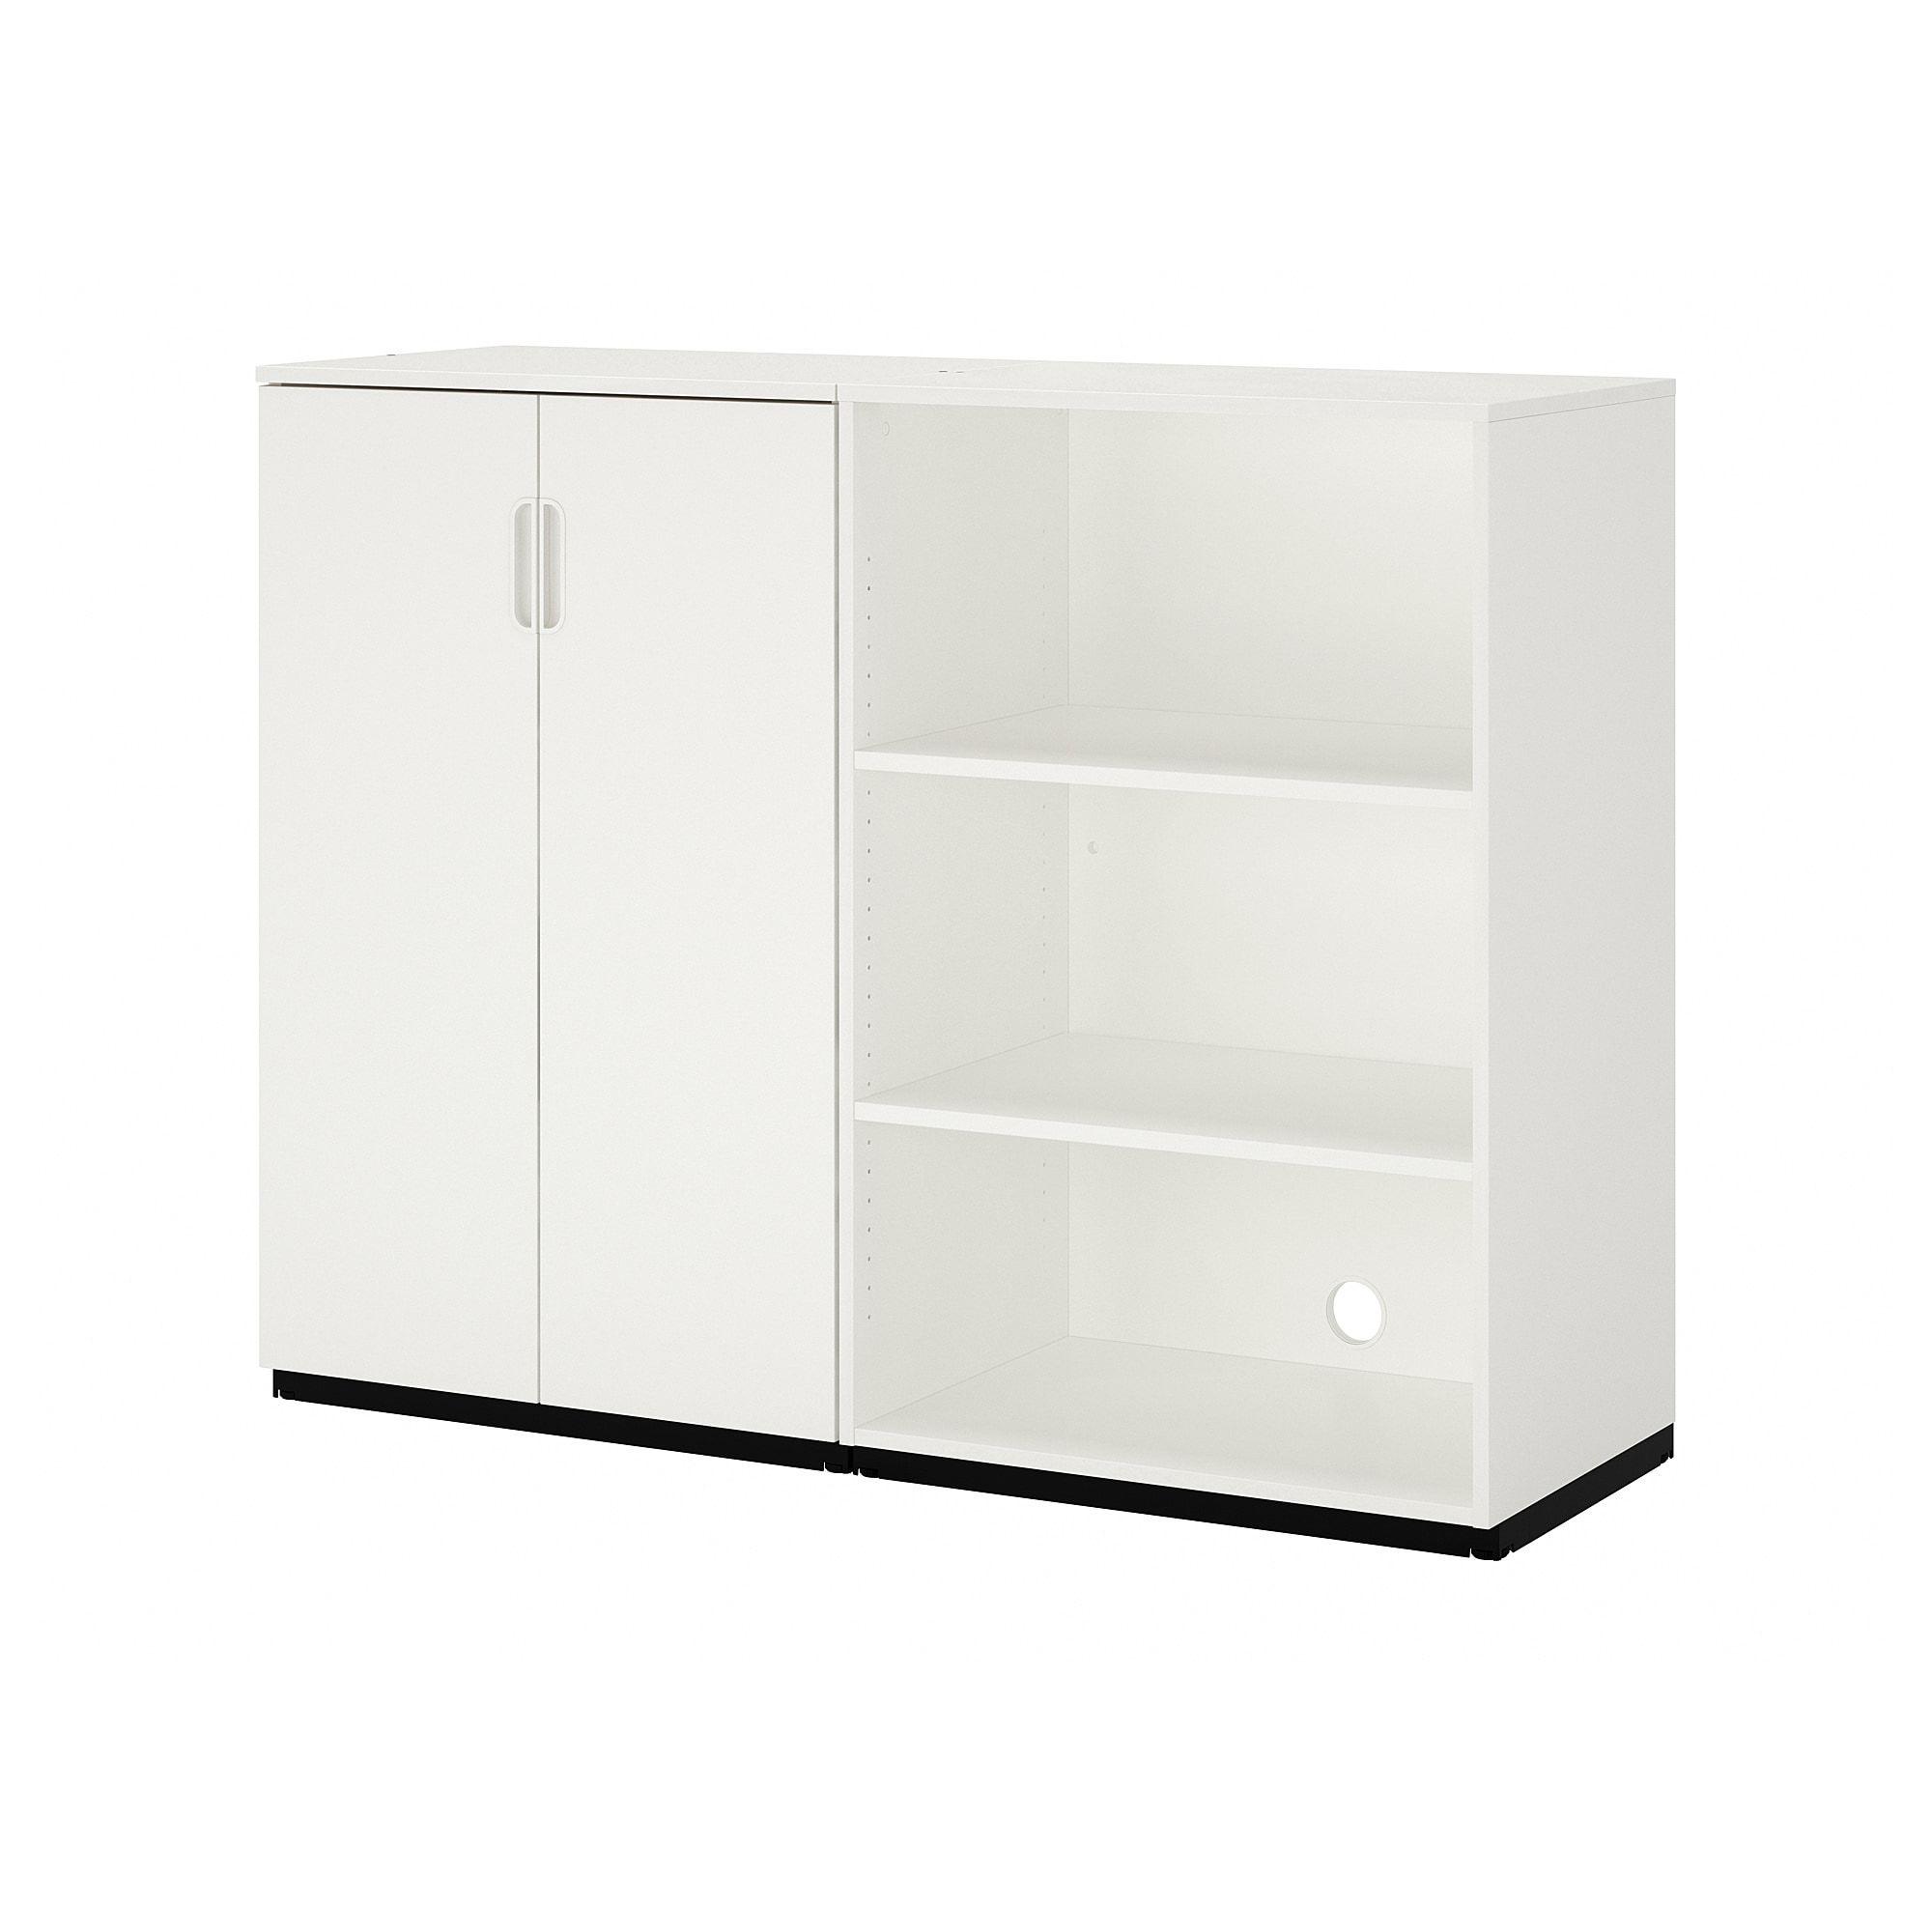 Galant Combinaison De Rangement Blanc 160x120 Cm Ikea En 2020 Meuble Rangement Rangement Ikea